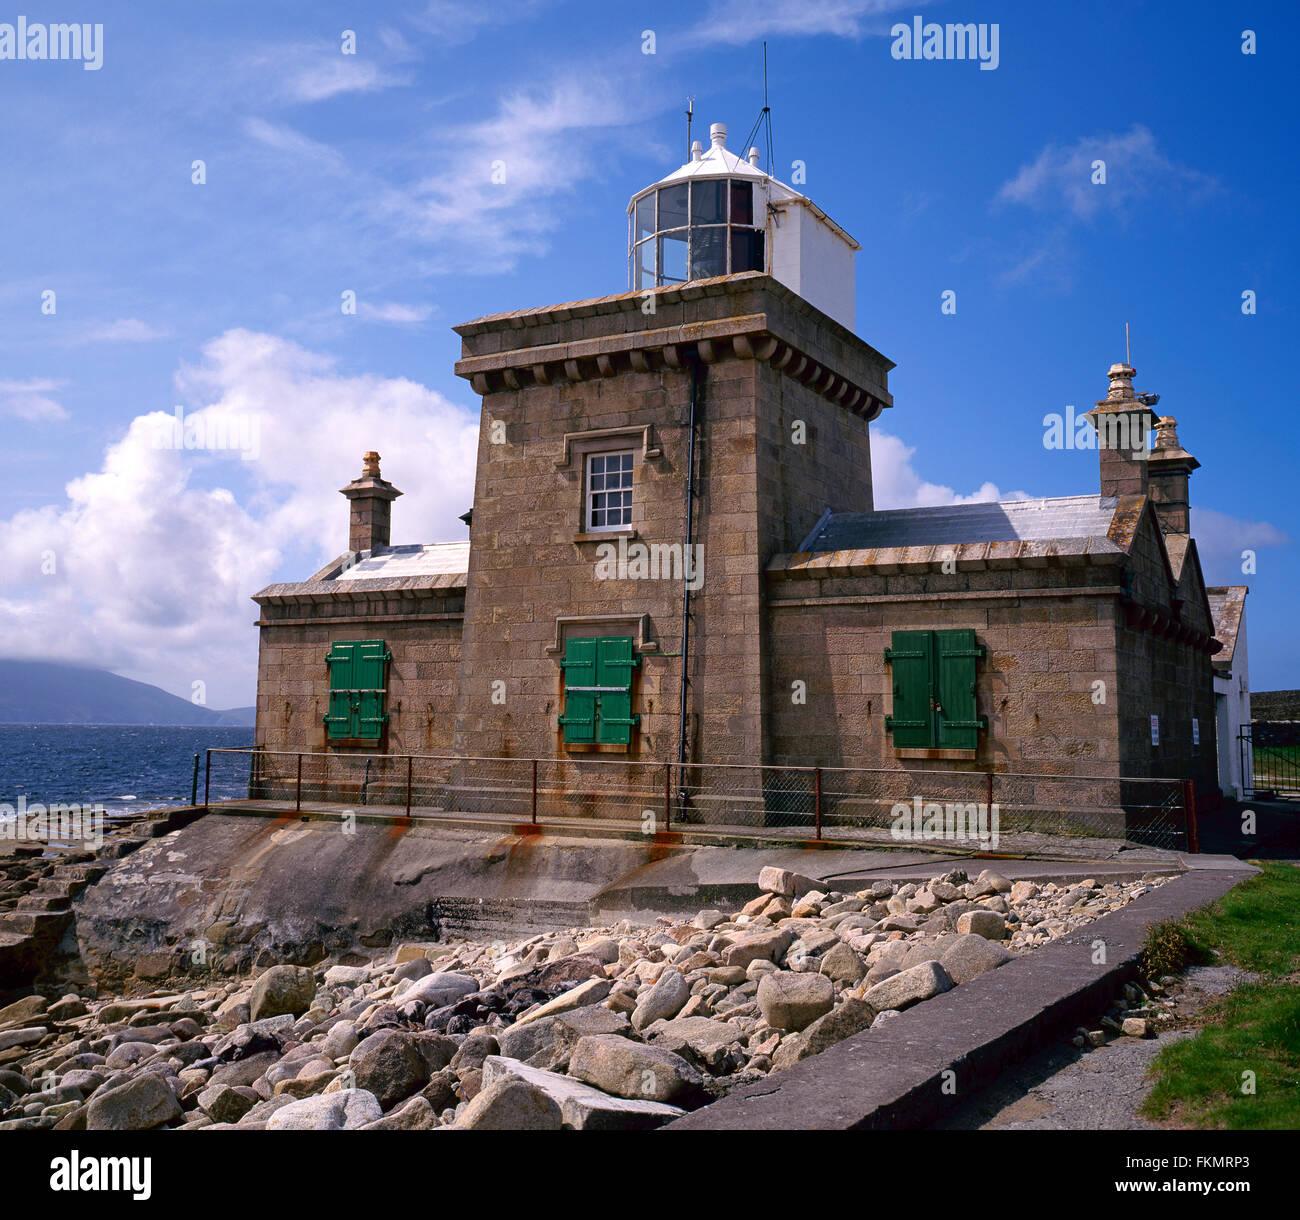 Blacksod lighthouse, Belmullet, Co Mayo, West Coast, Ireland - Stock Image